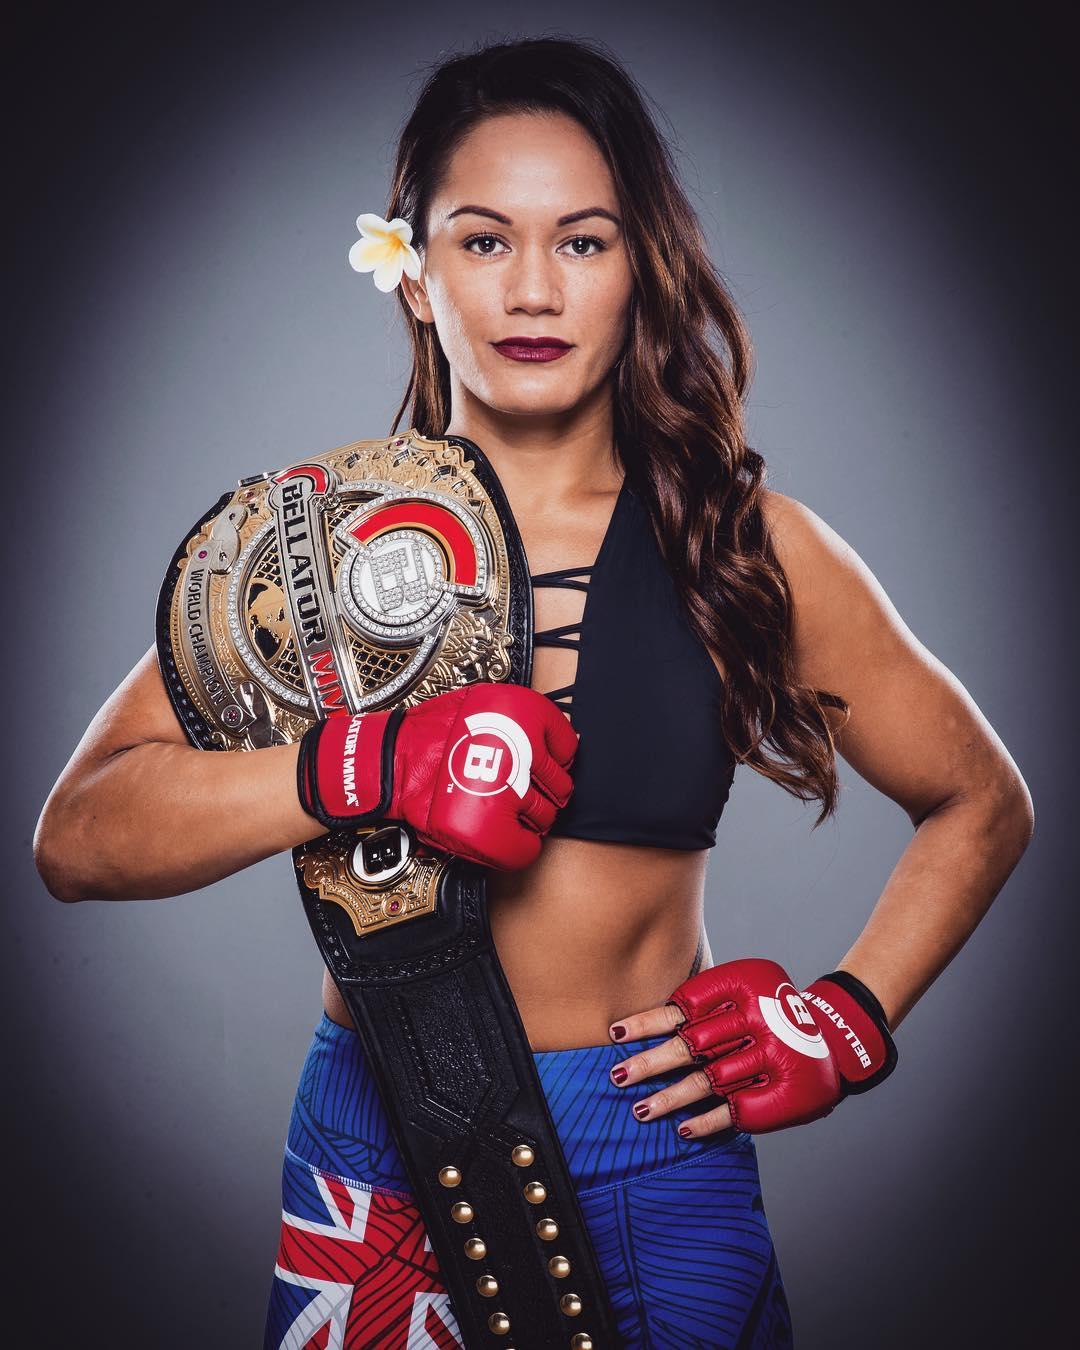 Bellator champ Ilima-Lei Macfarlane: 'Why would I go to the UFC?' -